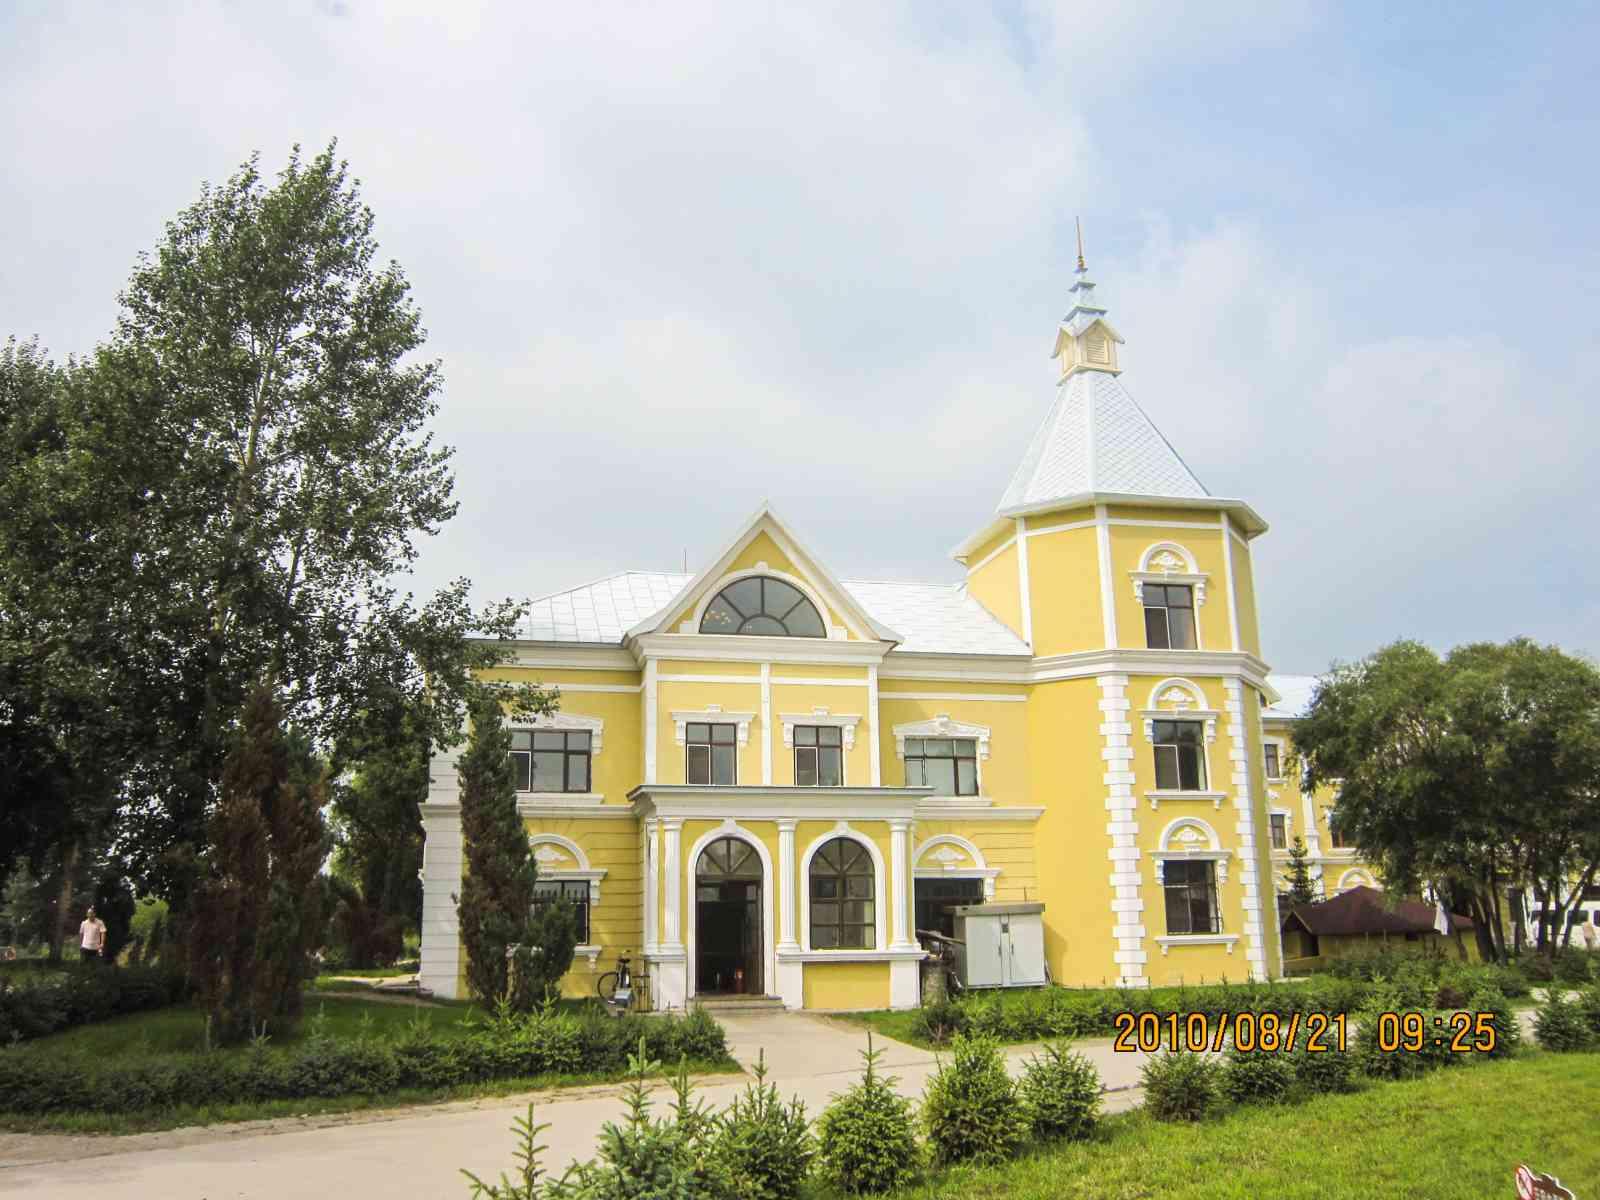 【我要做驴神】醉美俄式建筑—伏尔加庄园图片